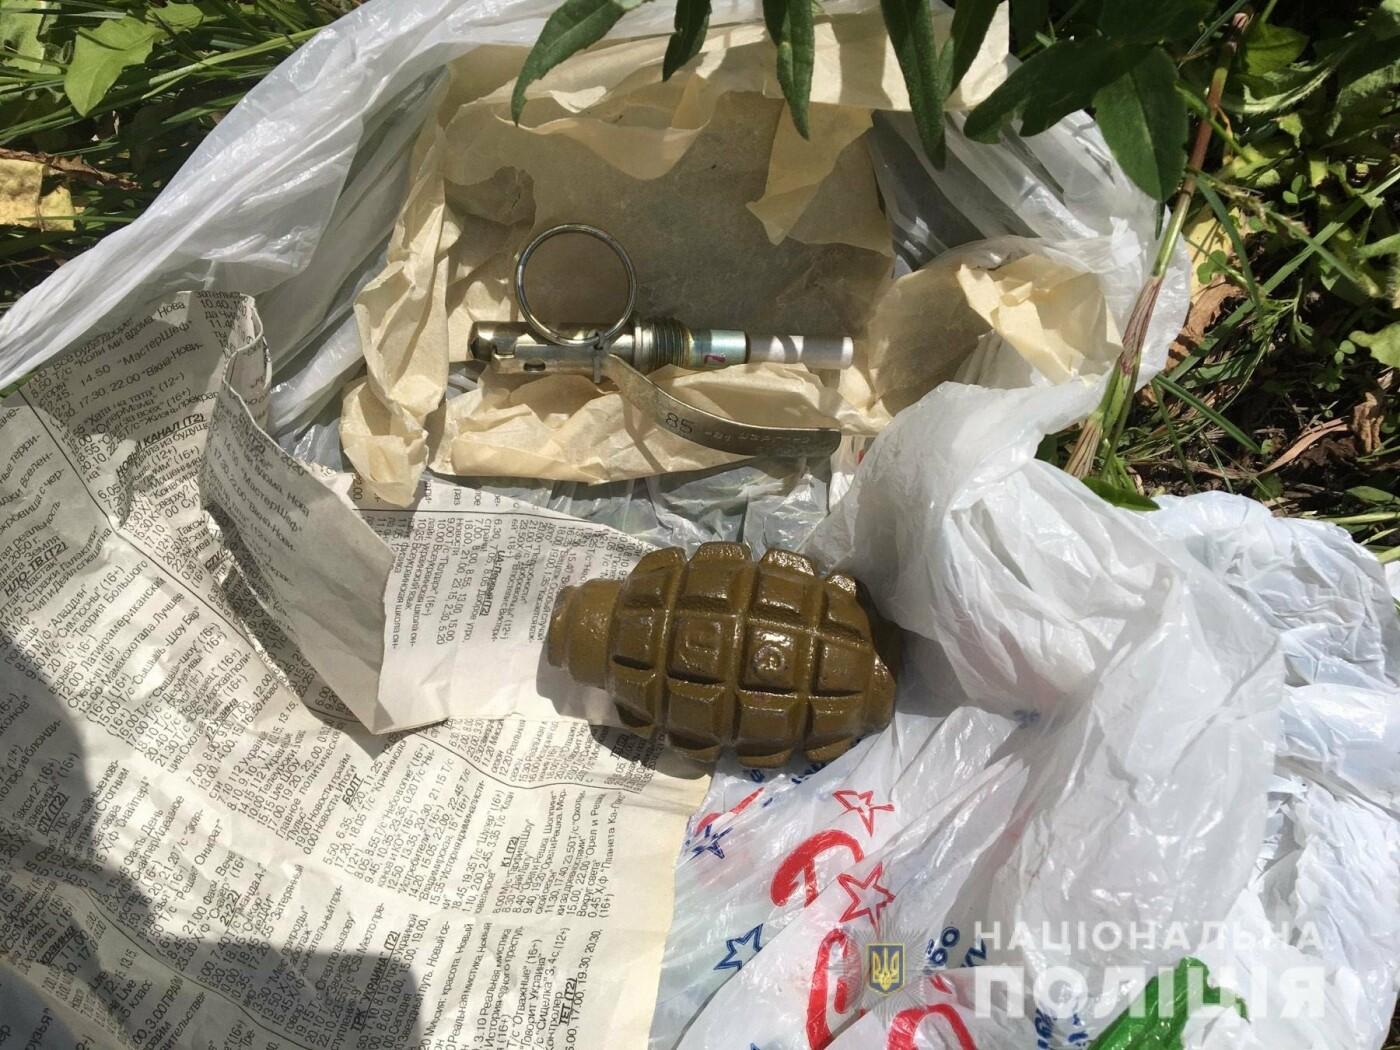 На Харьковщине полиция задержала мужчину, который торговал гранатами, - ФОТО, фото-1